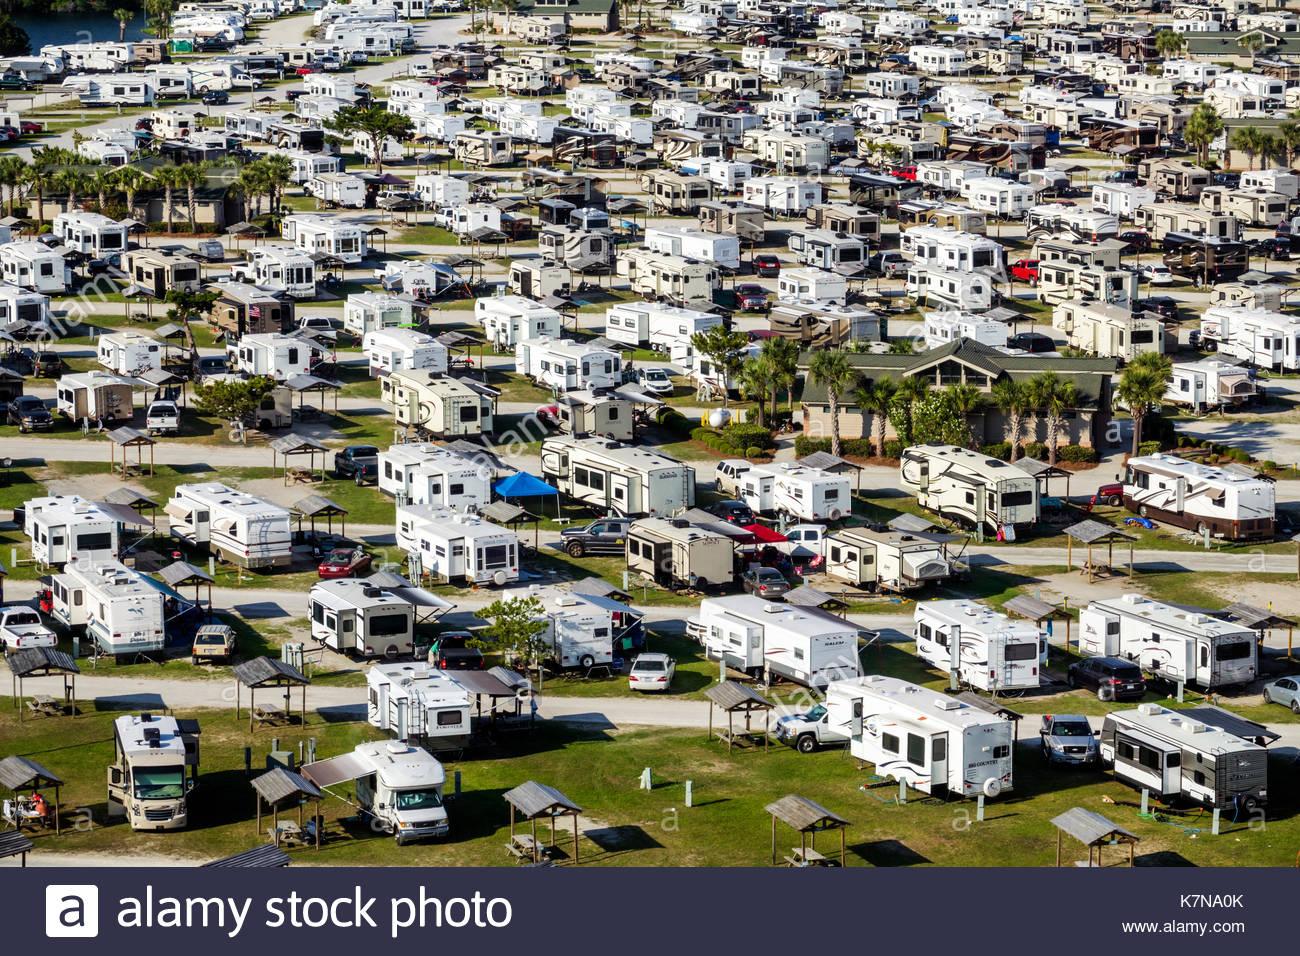 Myrtle Beach en Caroline du Sud SC Myrtle Beach RV Park véhicules récréatifs voyage caravane remorque antenne camping du parc vue d'au-dessus des frais généraux Photo Stock